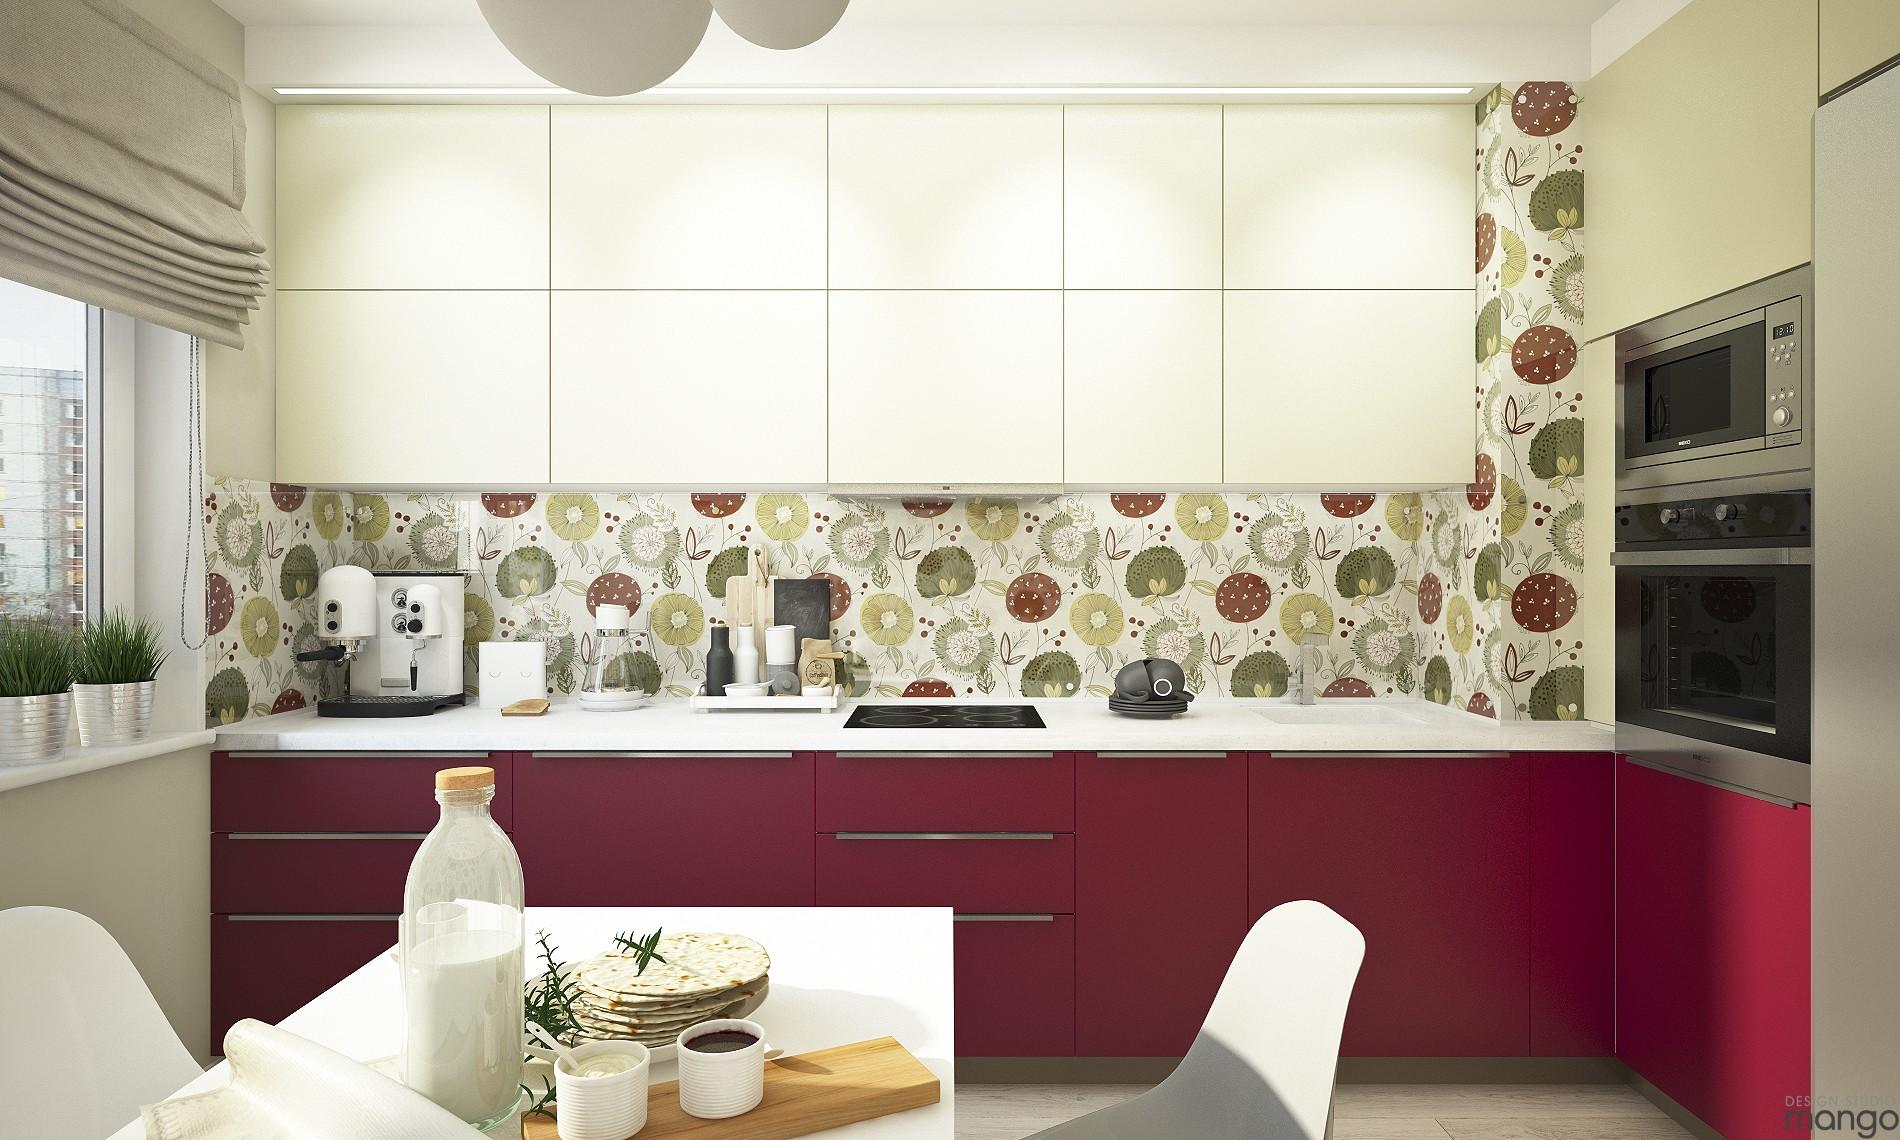 trendy kitchen backsplash decor